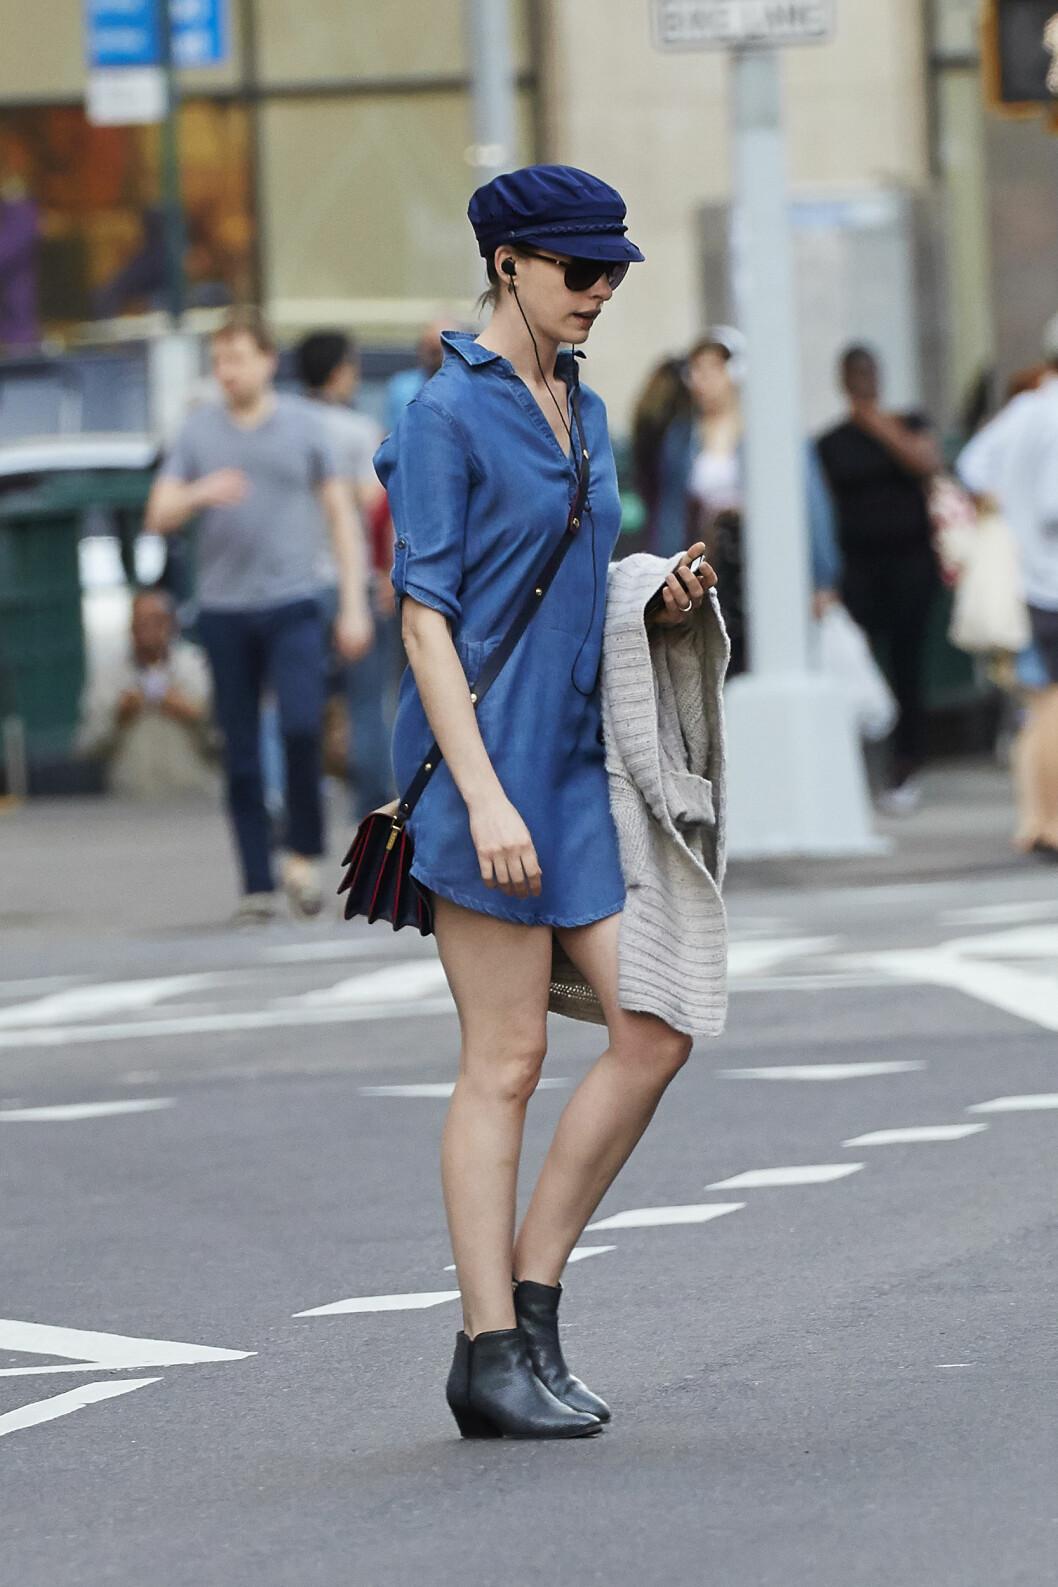 Anne Hathaway hadde på seg denimkjole stylet med skipperhatt da hun vandret rundt i New Yorks trendy shoppinggater. Foto: Scanpix